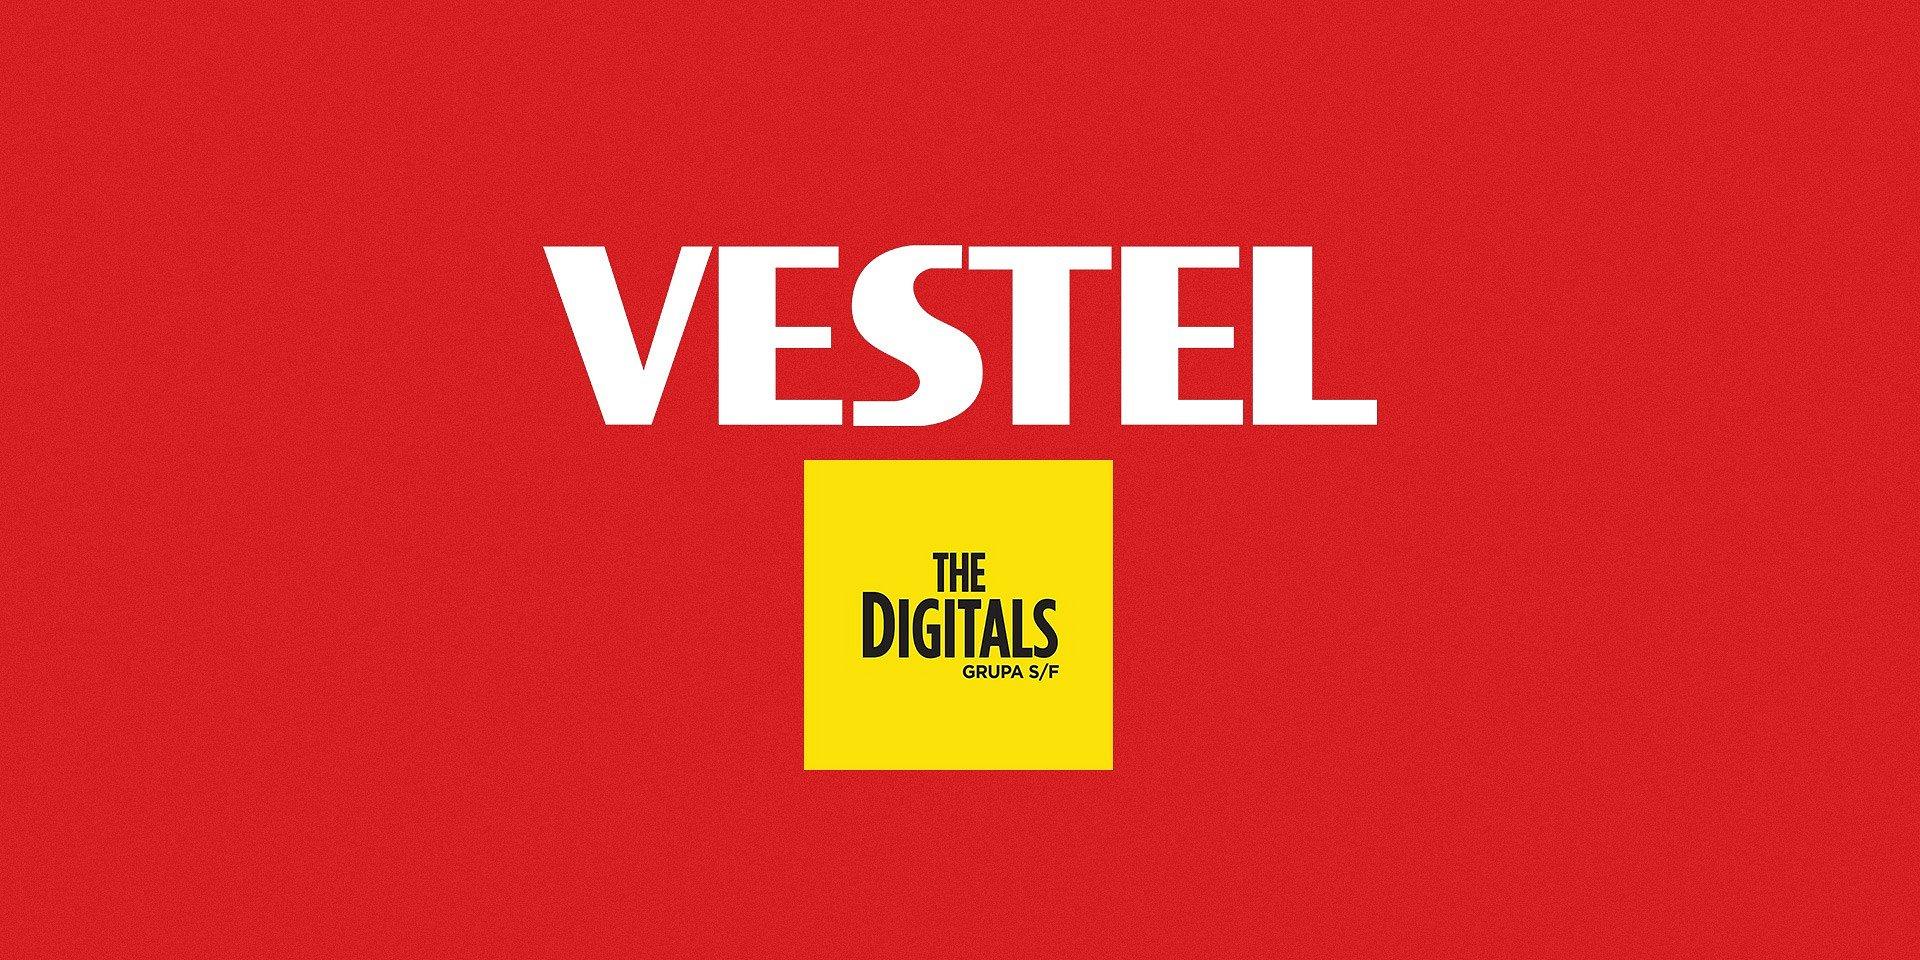 Agencje Grupy S/F - The Digitals i Booost wygrywają przetarg firmy Vestel